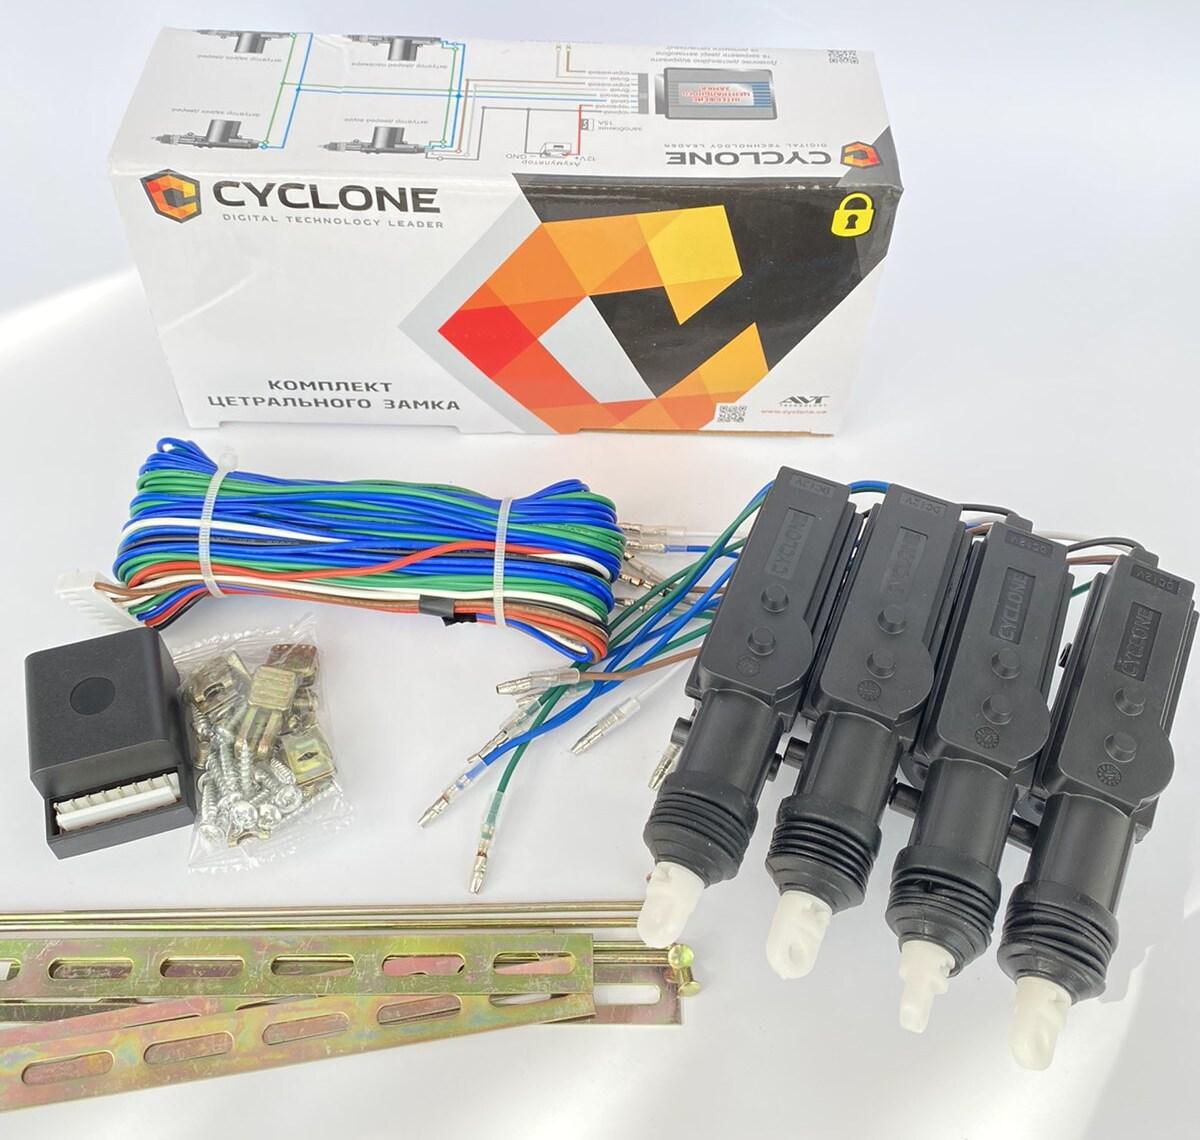 Cyclone DLS-222 - комплект центальных замков на авто